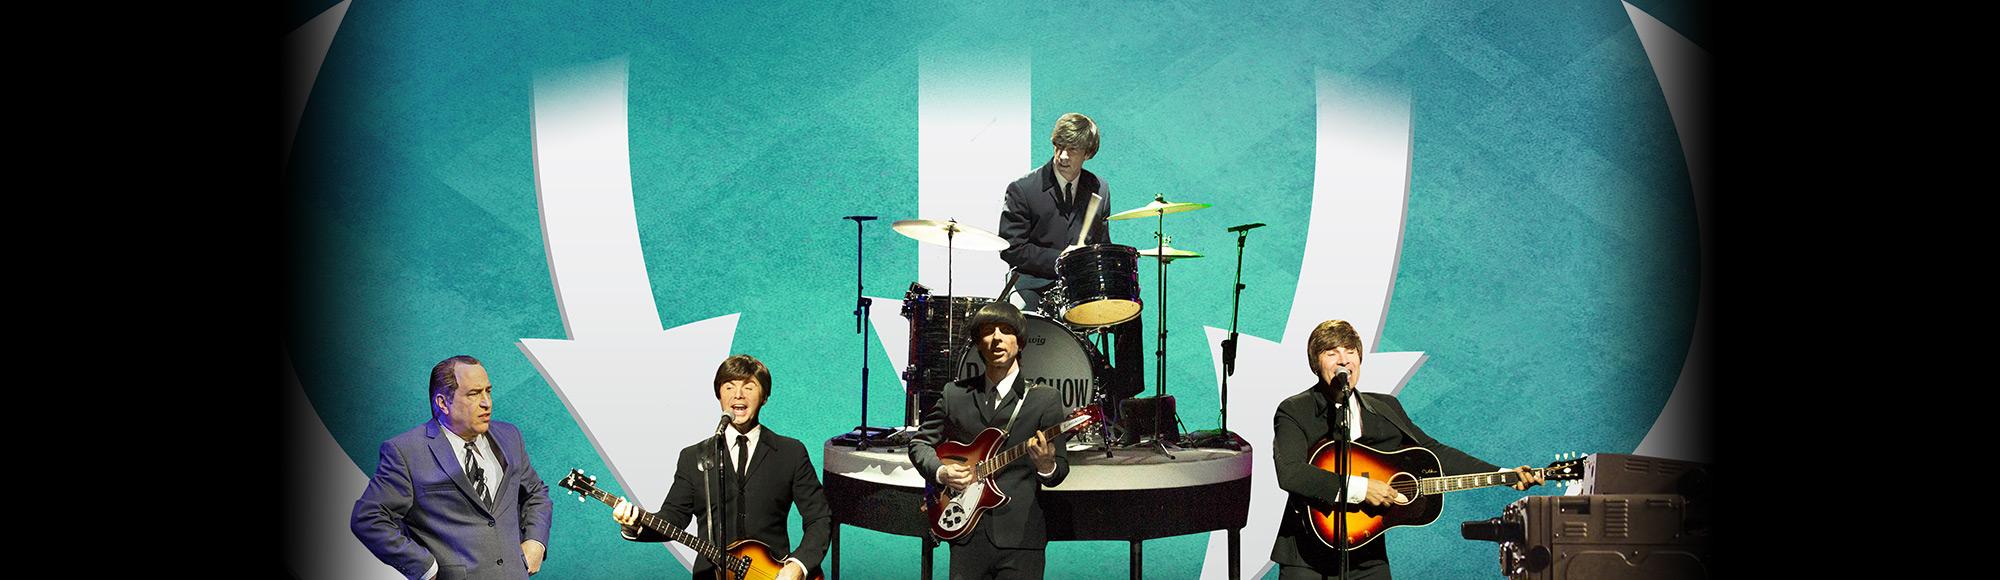 Beatleshow show